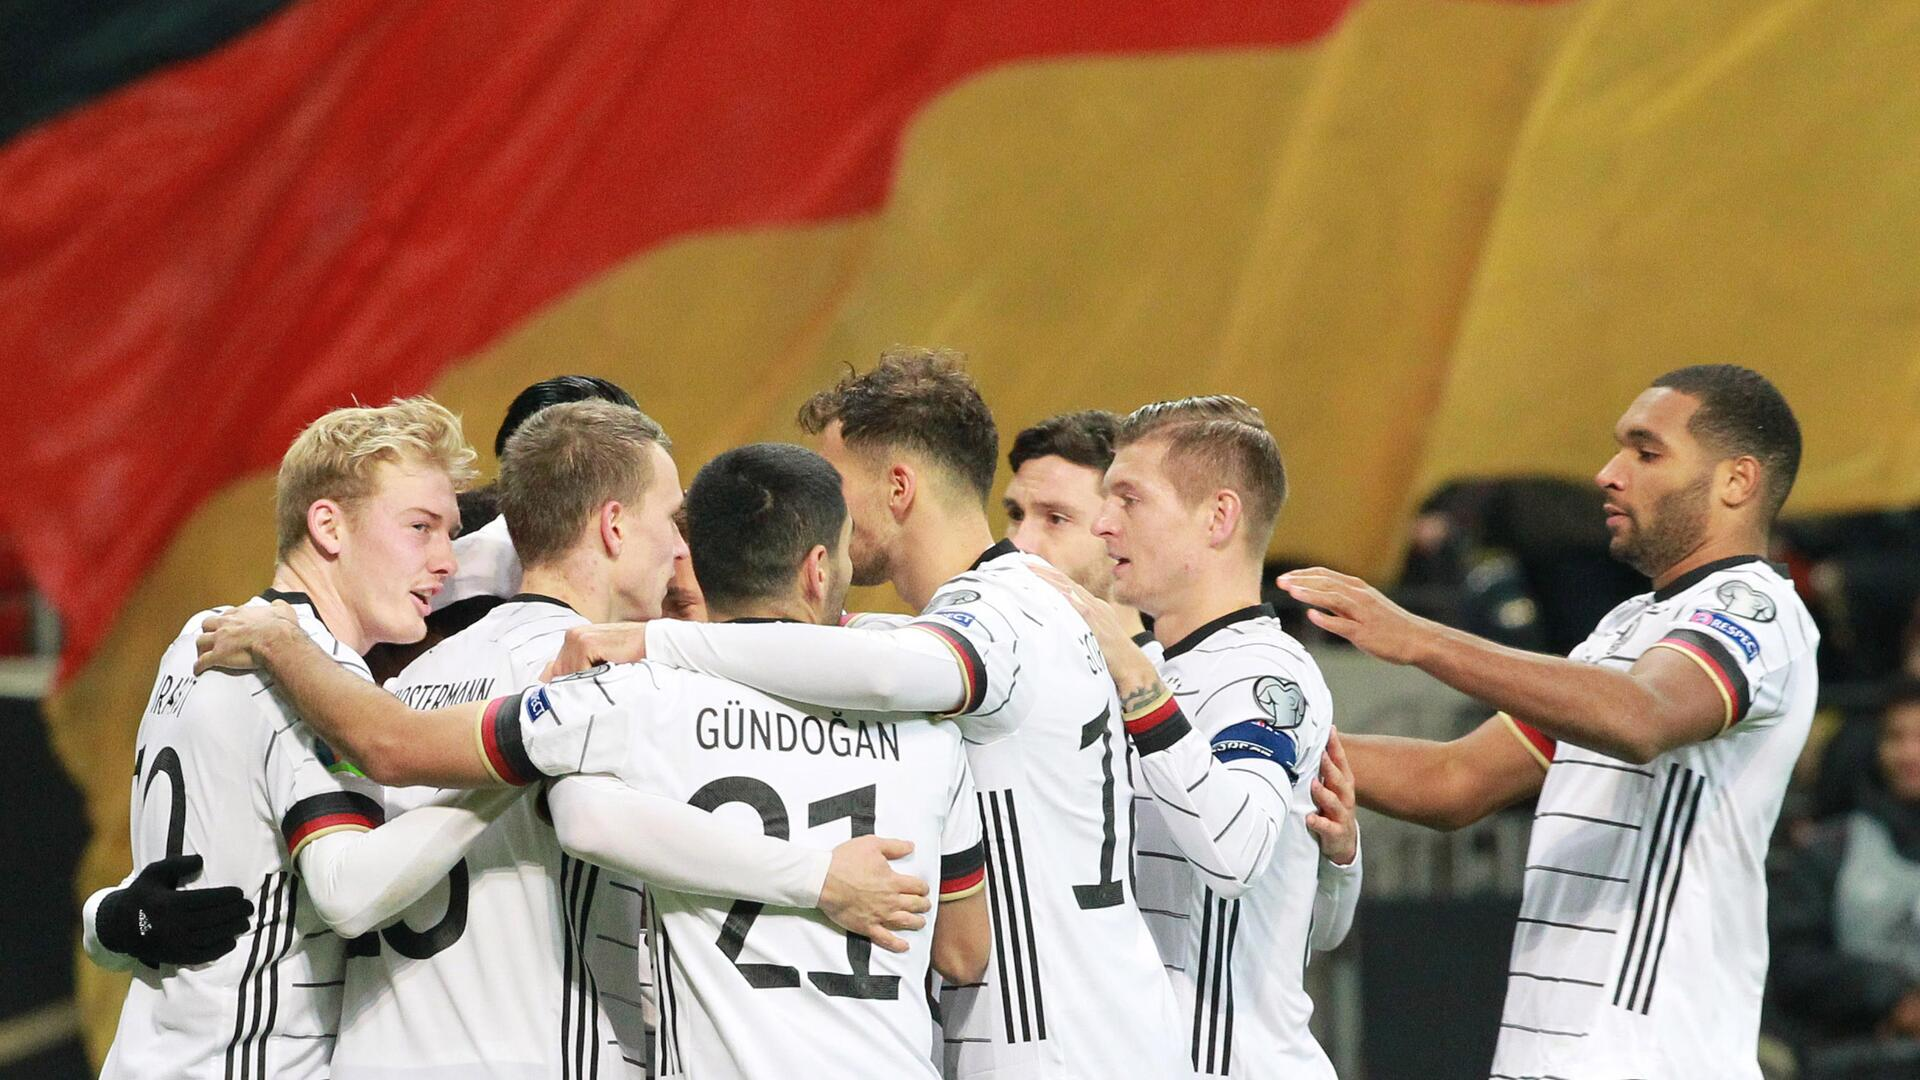 يورو 2020.. ألمانيا تستعيد هيبتها وتسحق إيرلندا الشمالية (فيديو)